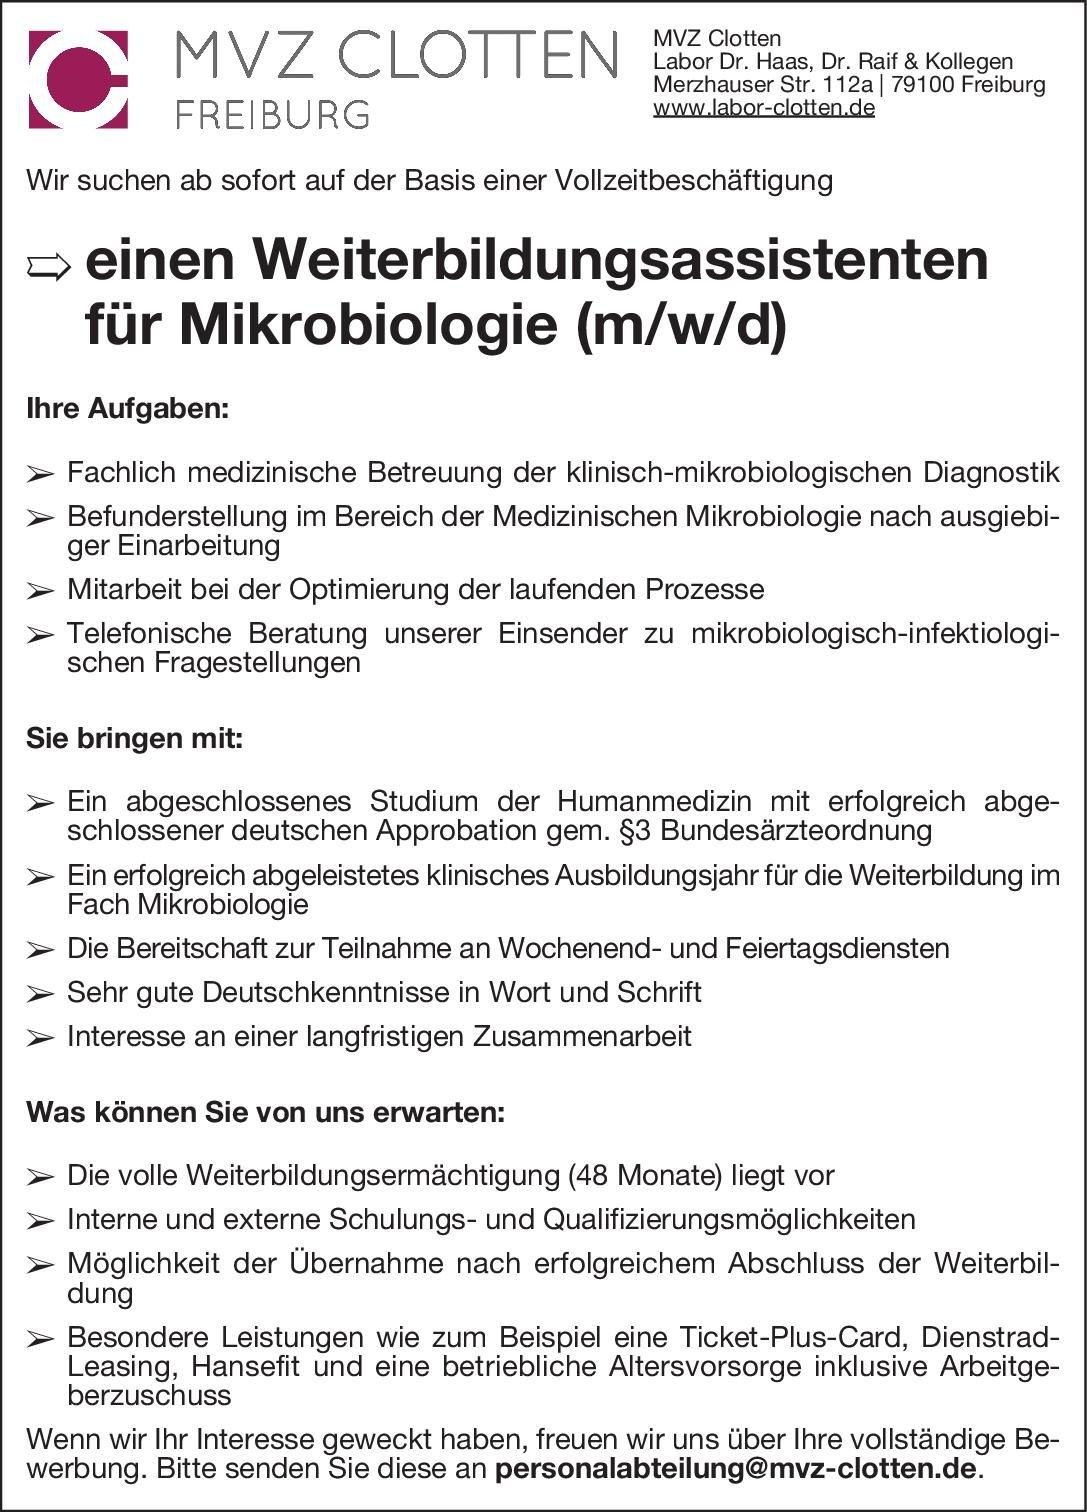 MVZ Clotten Weiterbildungsassistent für Mikrobiologie (m/w/d) Mikrobiologie und Infektionsepidemiologie Assistenzarzt / Arzt in Weiterbildung